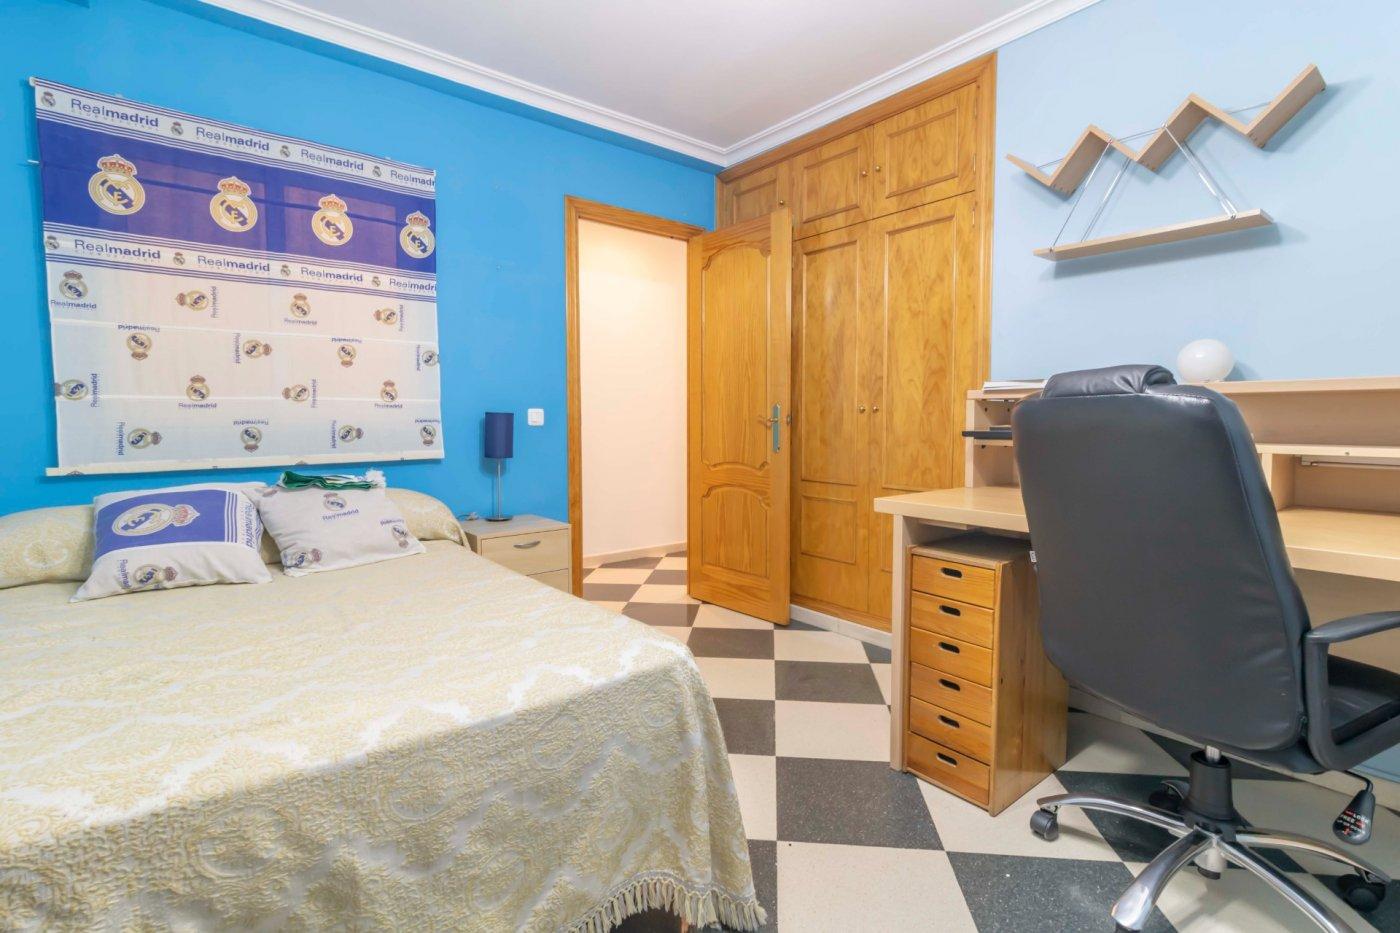 Casa a la venta en zona padre pÍo - imagenInmueble32